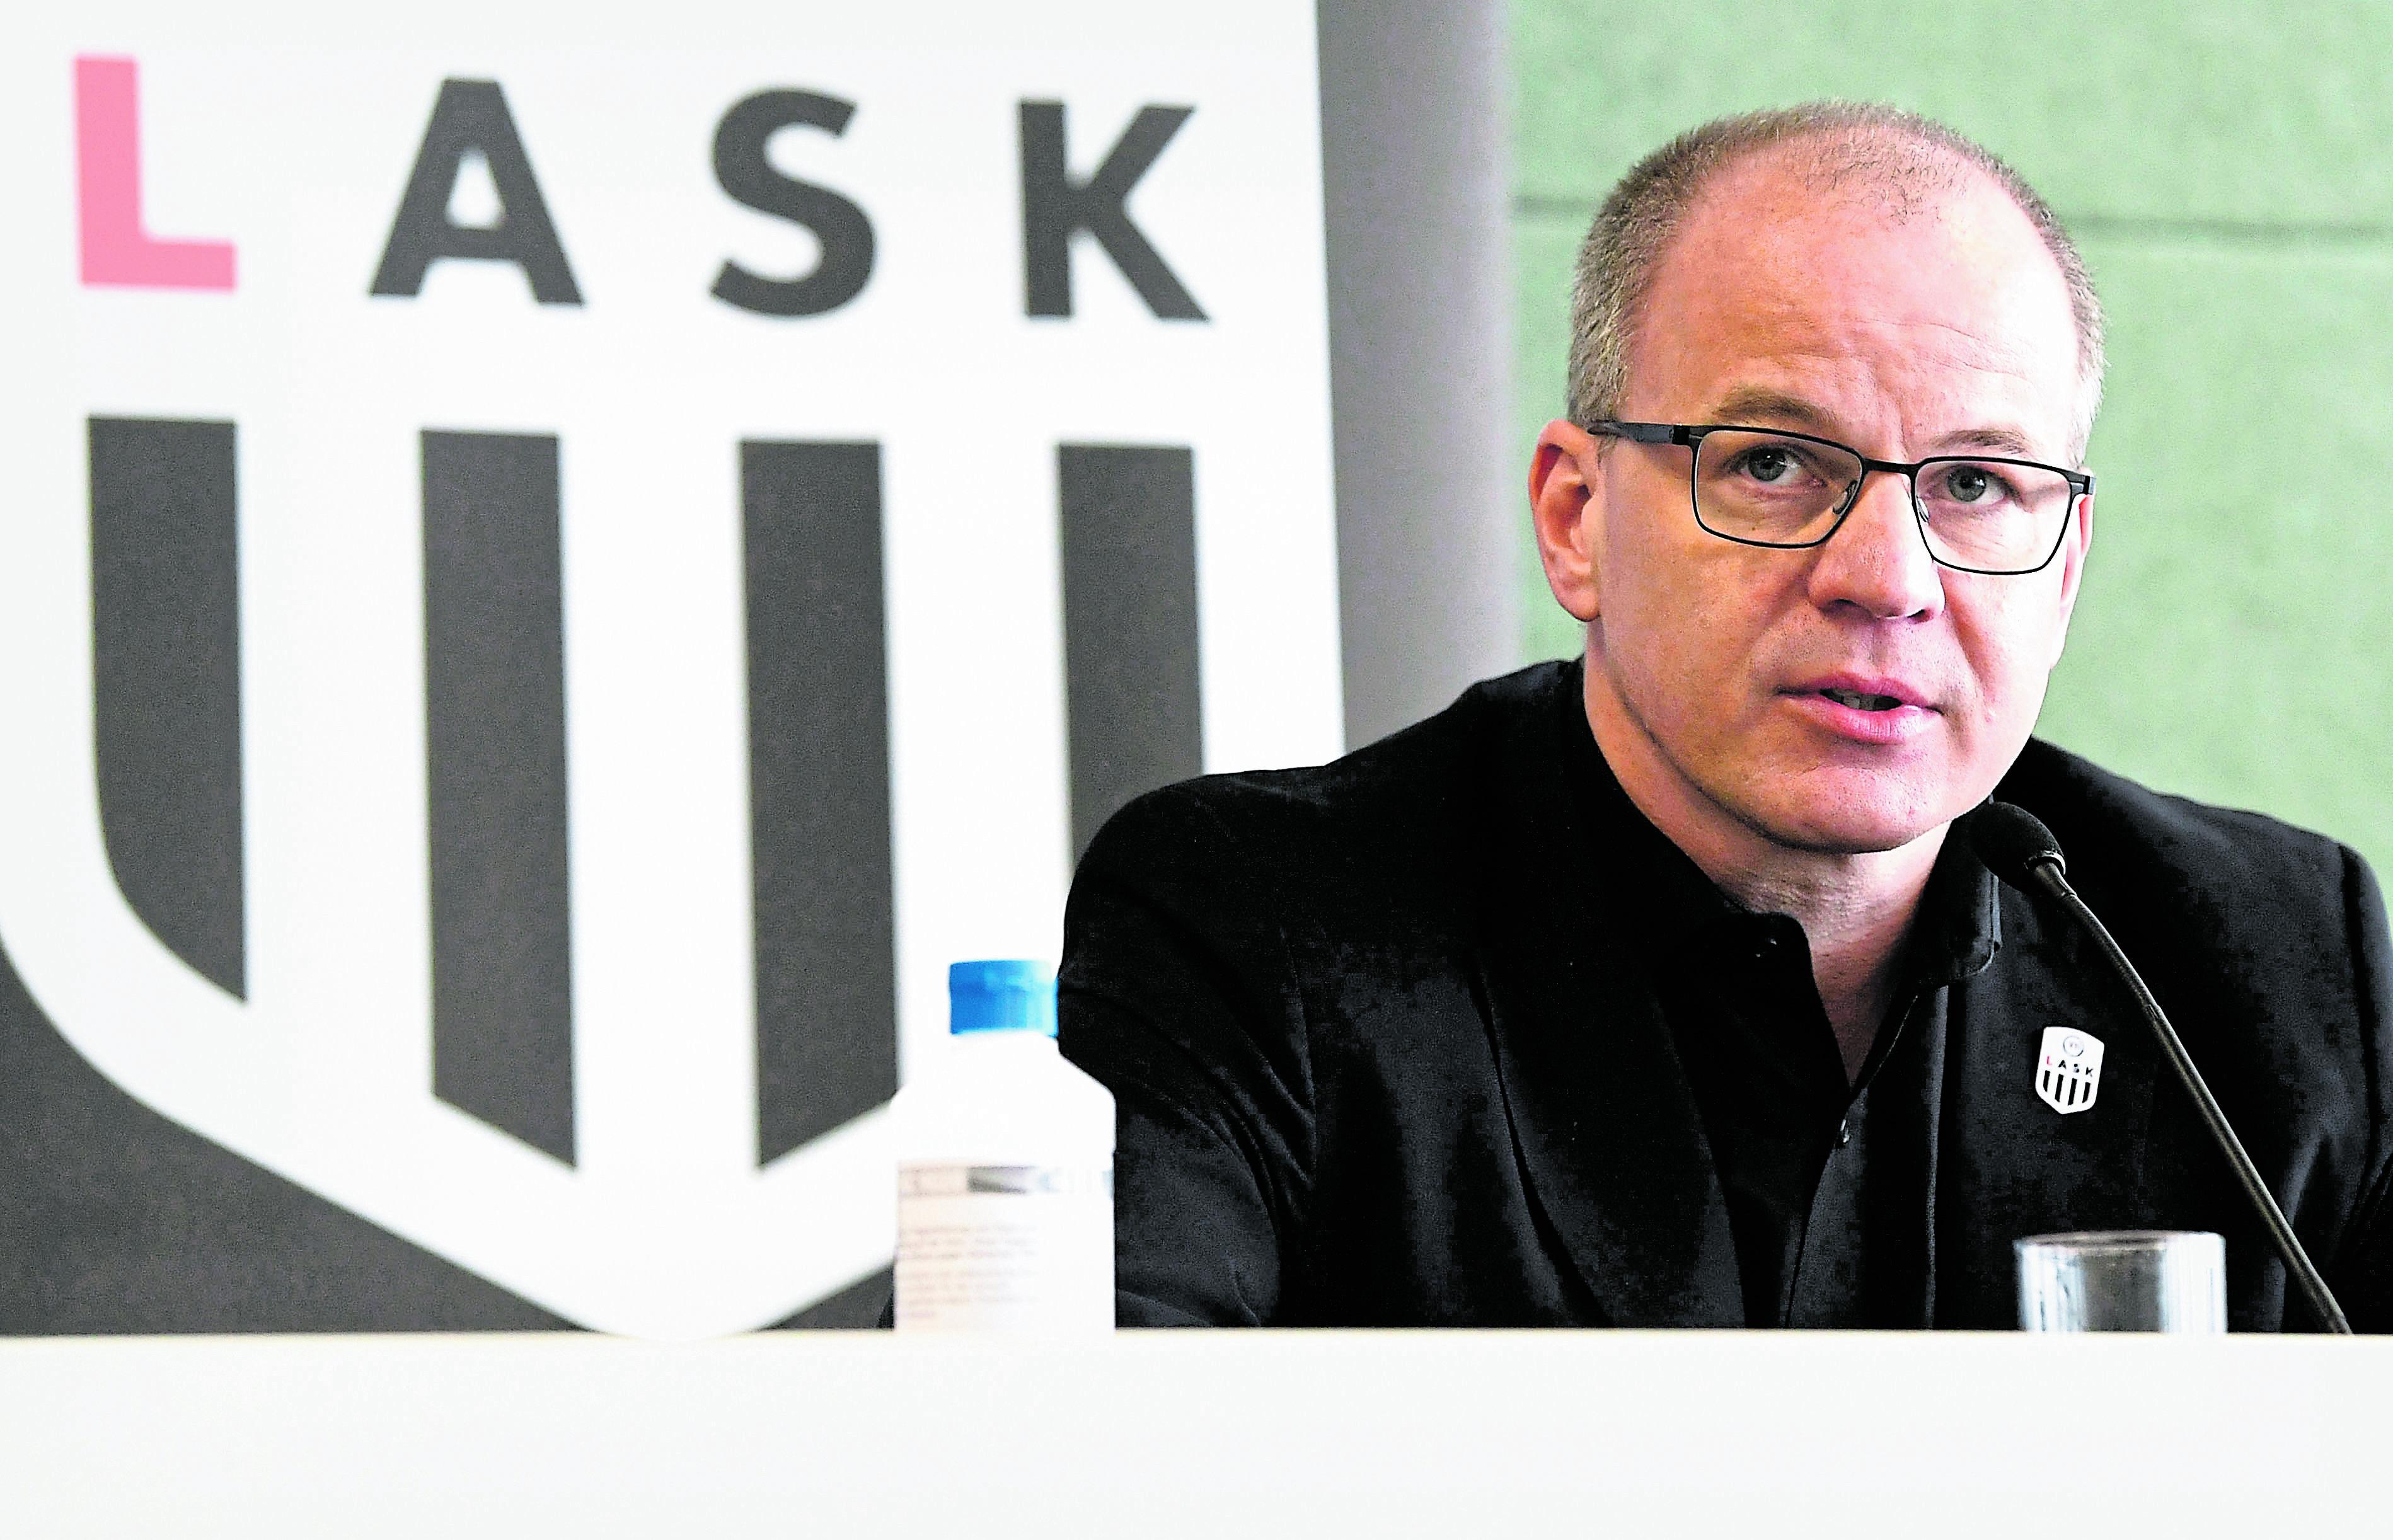 OBERÖSTERREICH: PK FUSSBALL-BUNDESLIGIST LASK: GRUBER